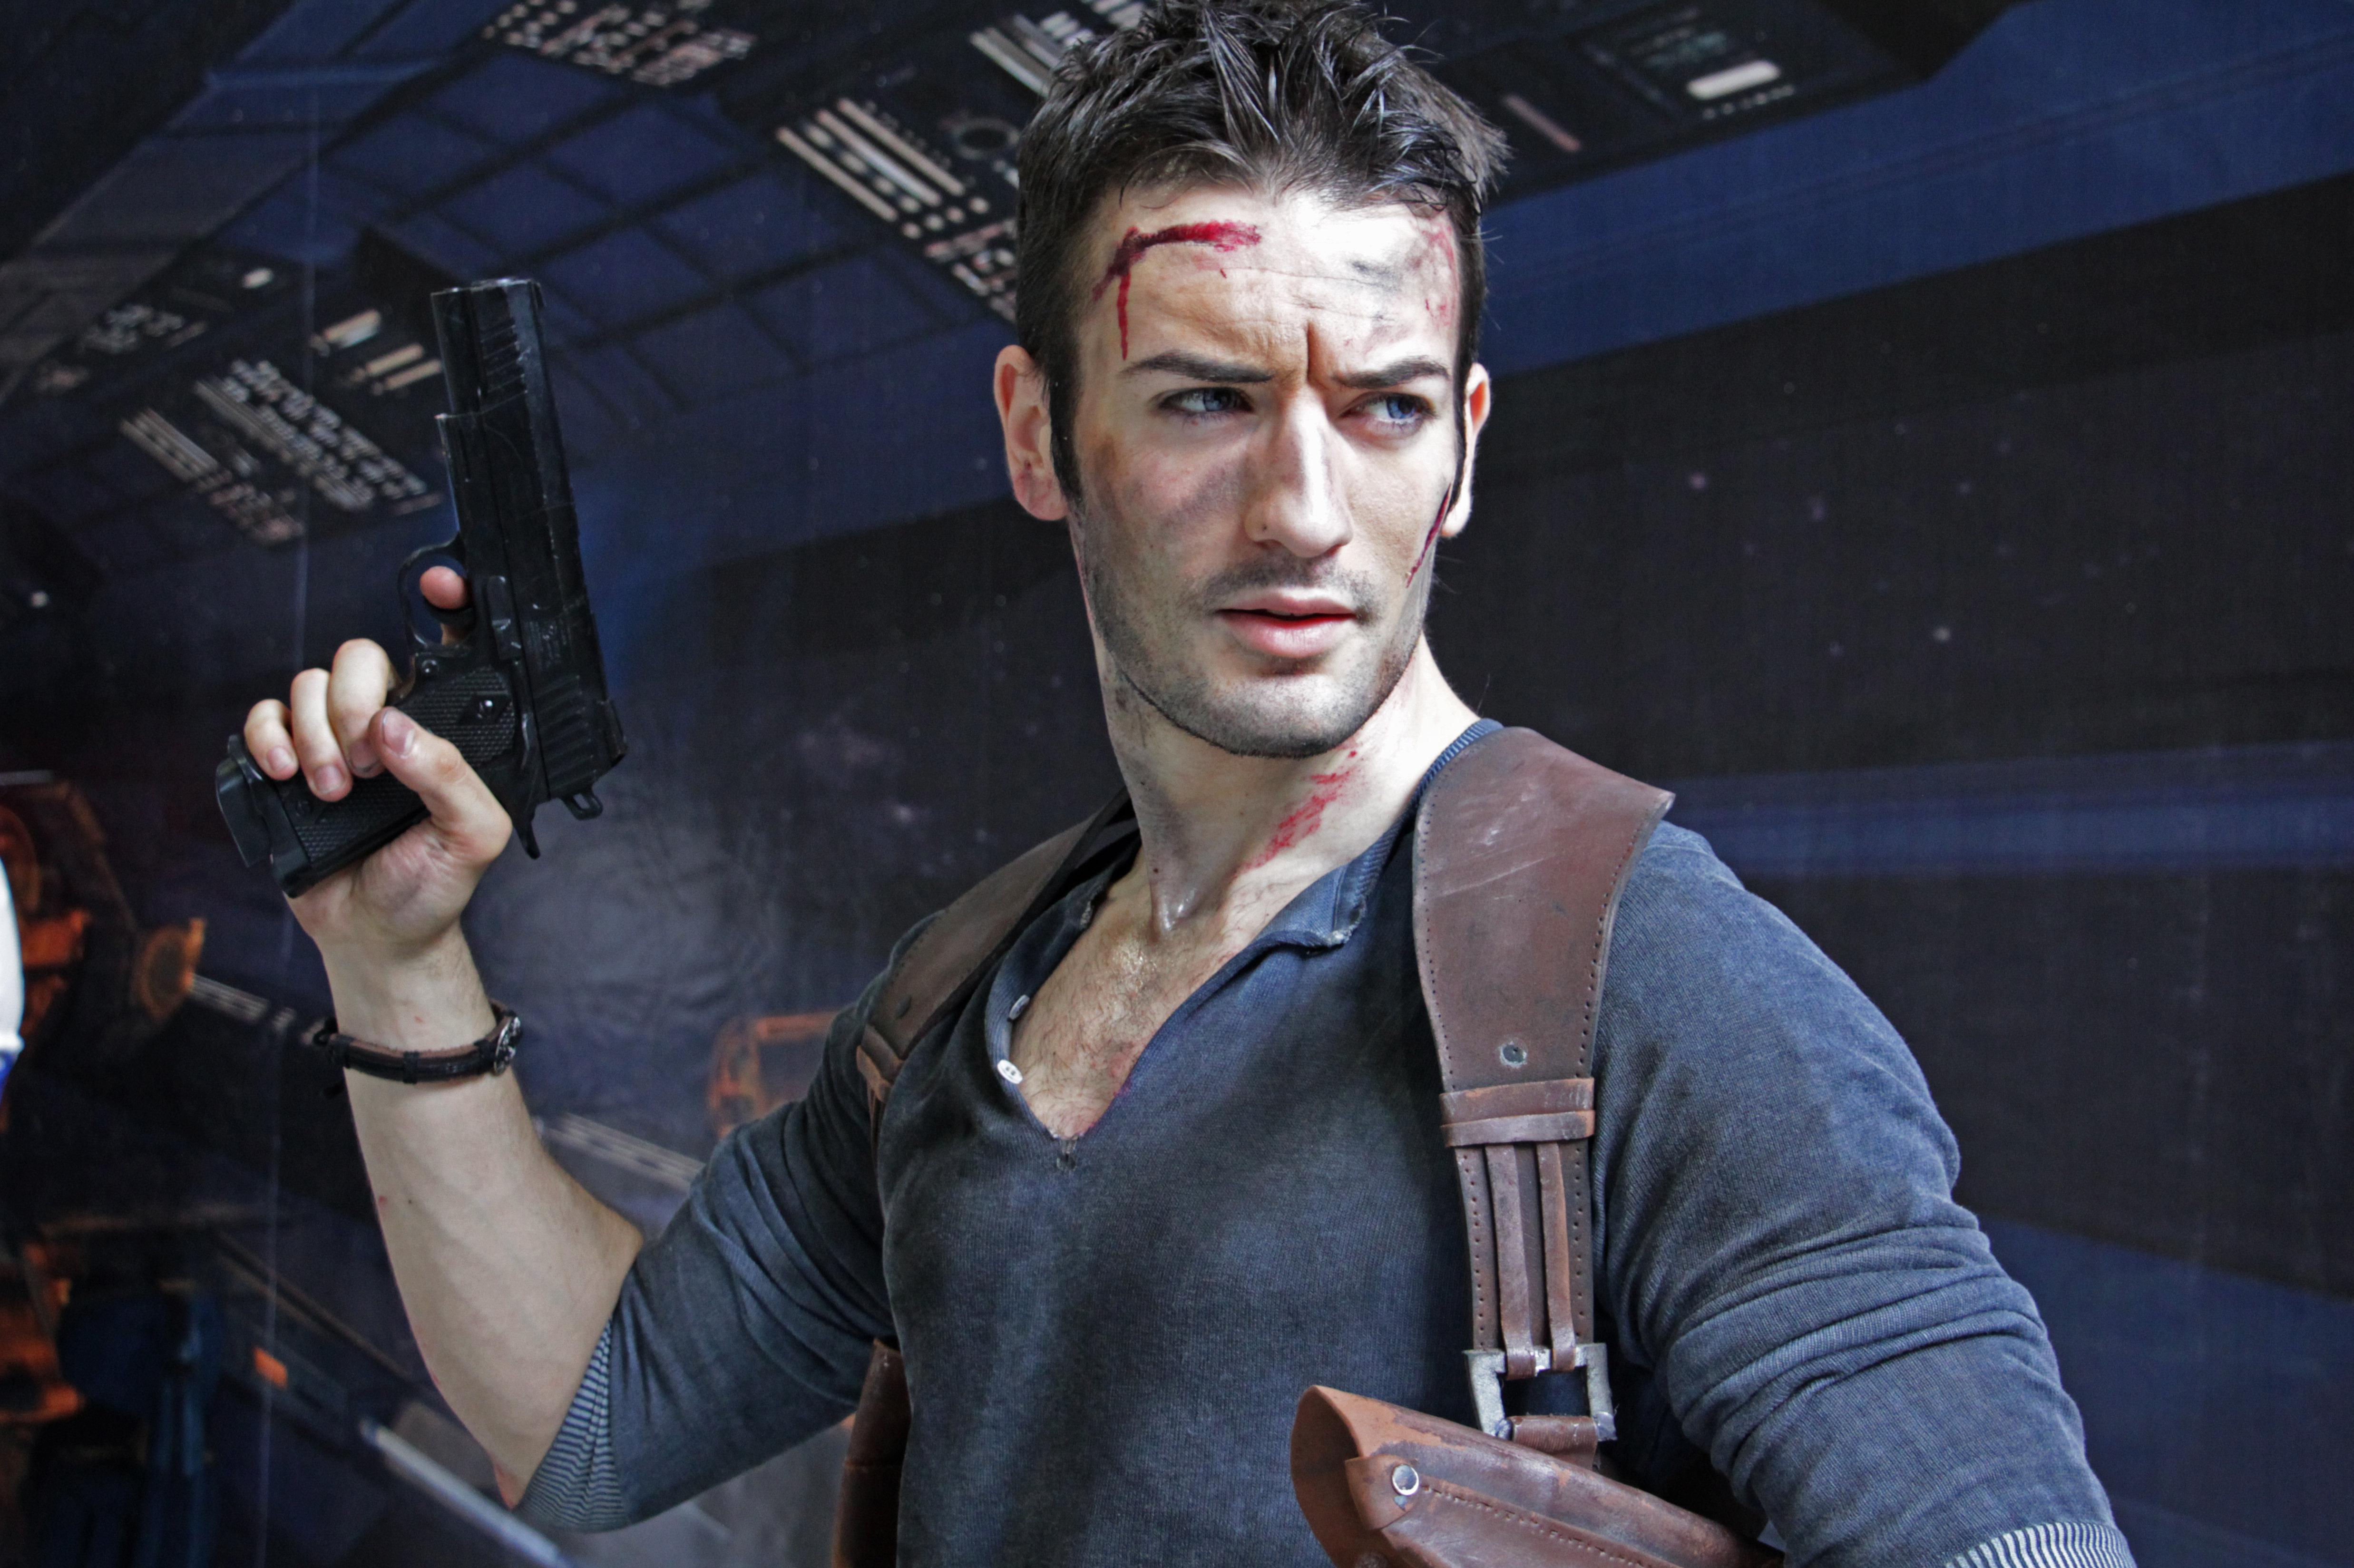 Leon Chiro déguisé en Nathan Drake du jeu vidéo Uncharted